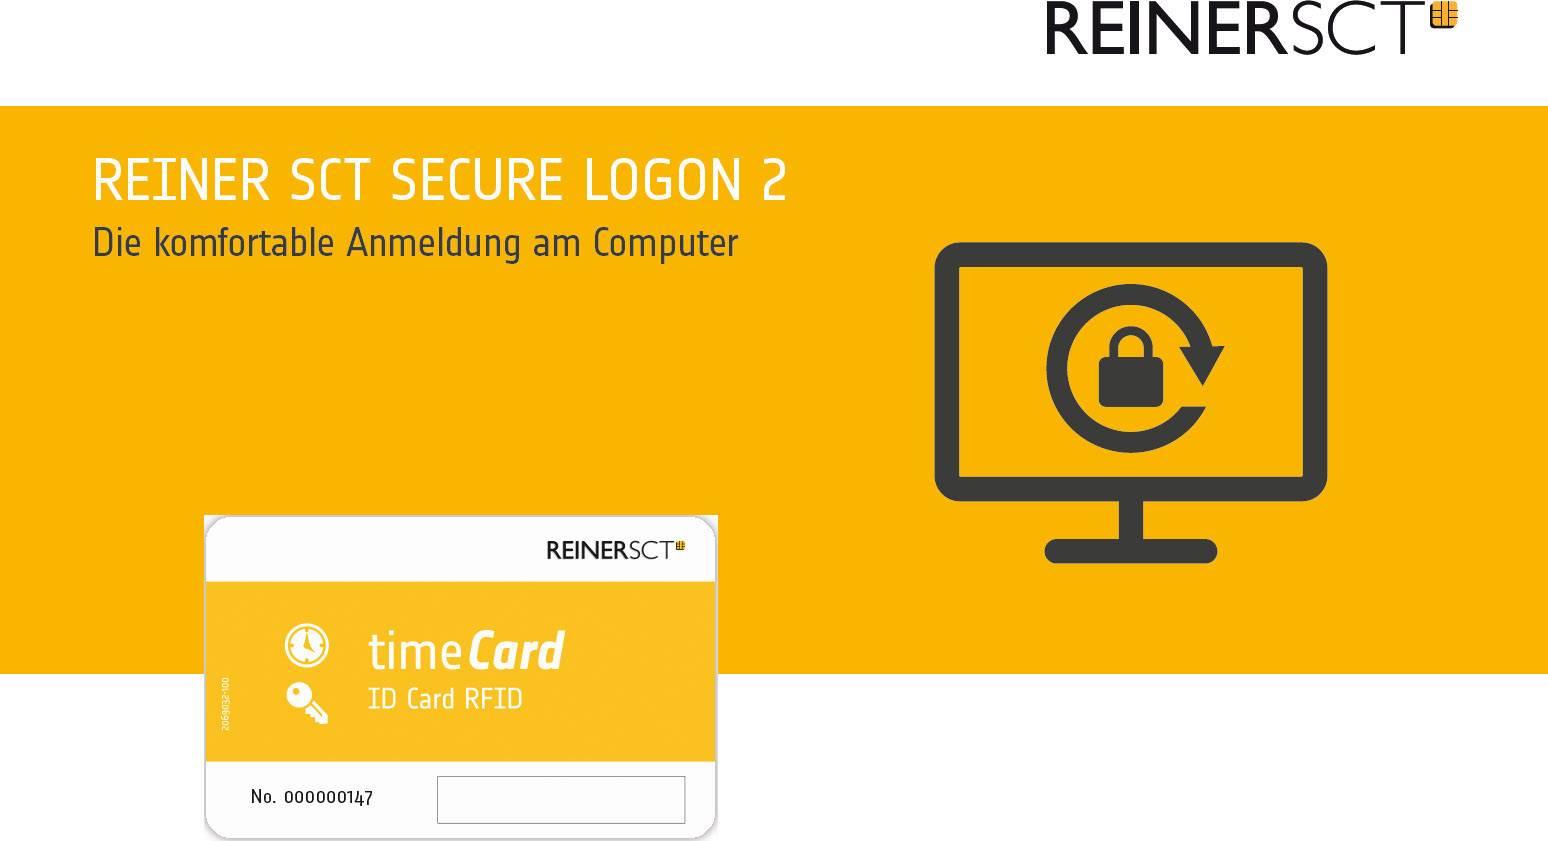 Prístupový systém do PC REINER SCT Secure Logon 2